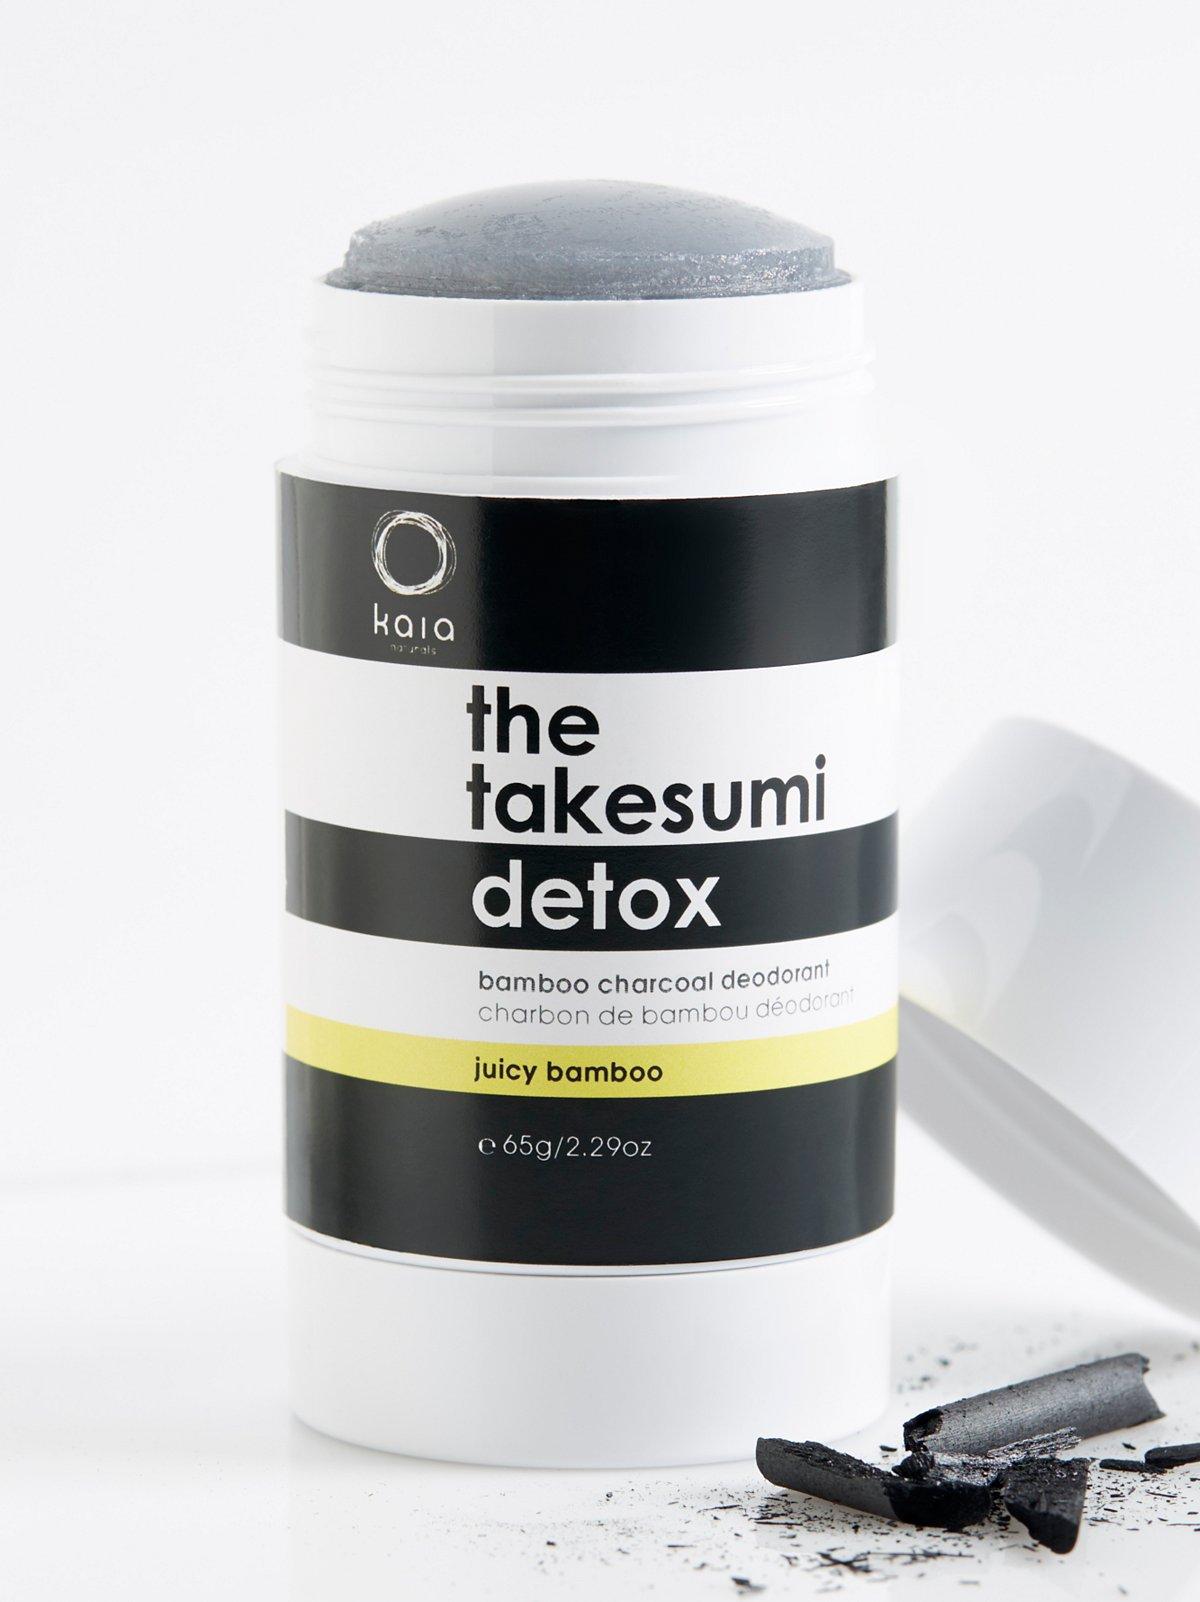 Takesumi Detox Deodorant